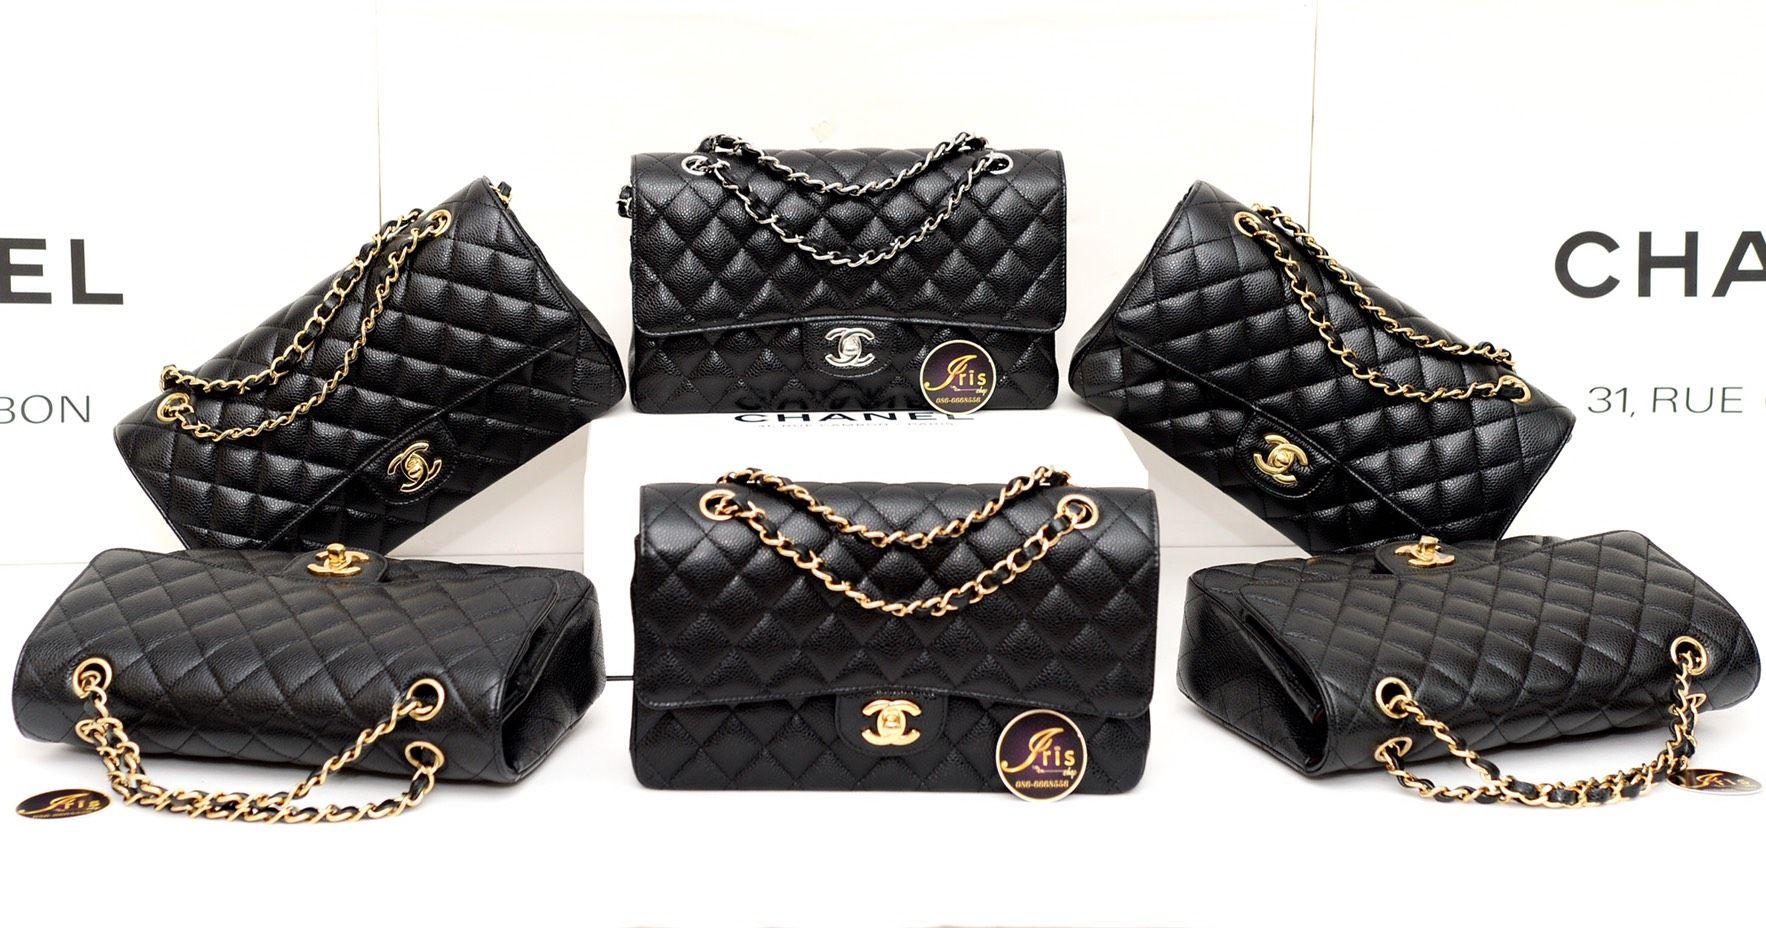 10″ Chanel Caviar amp; Black In 12″ กระเป๋าชาแนล หนังสวย ทรง Classic